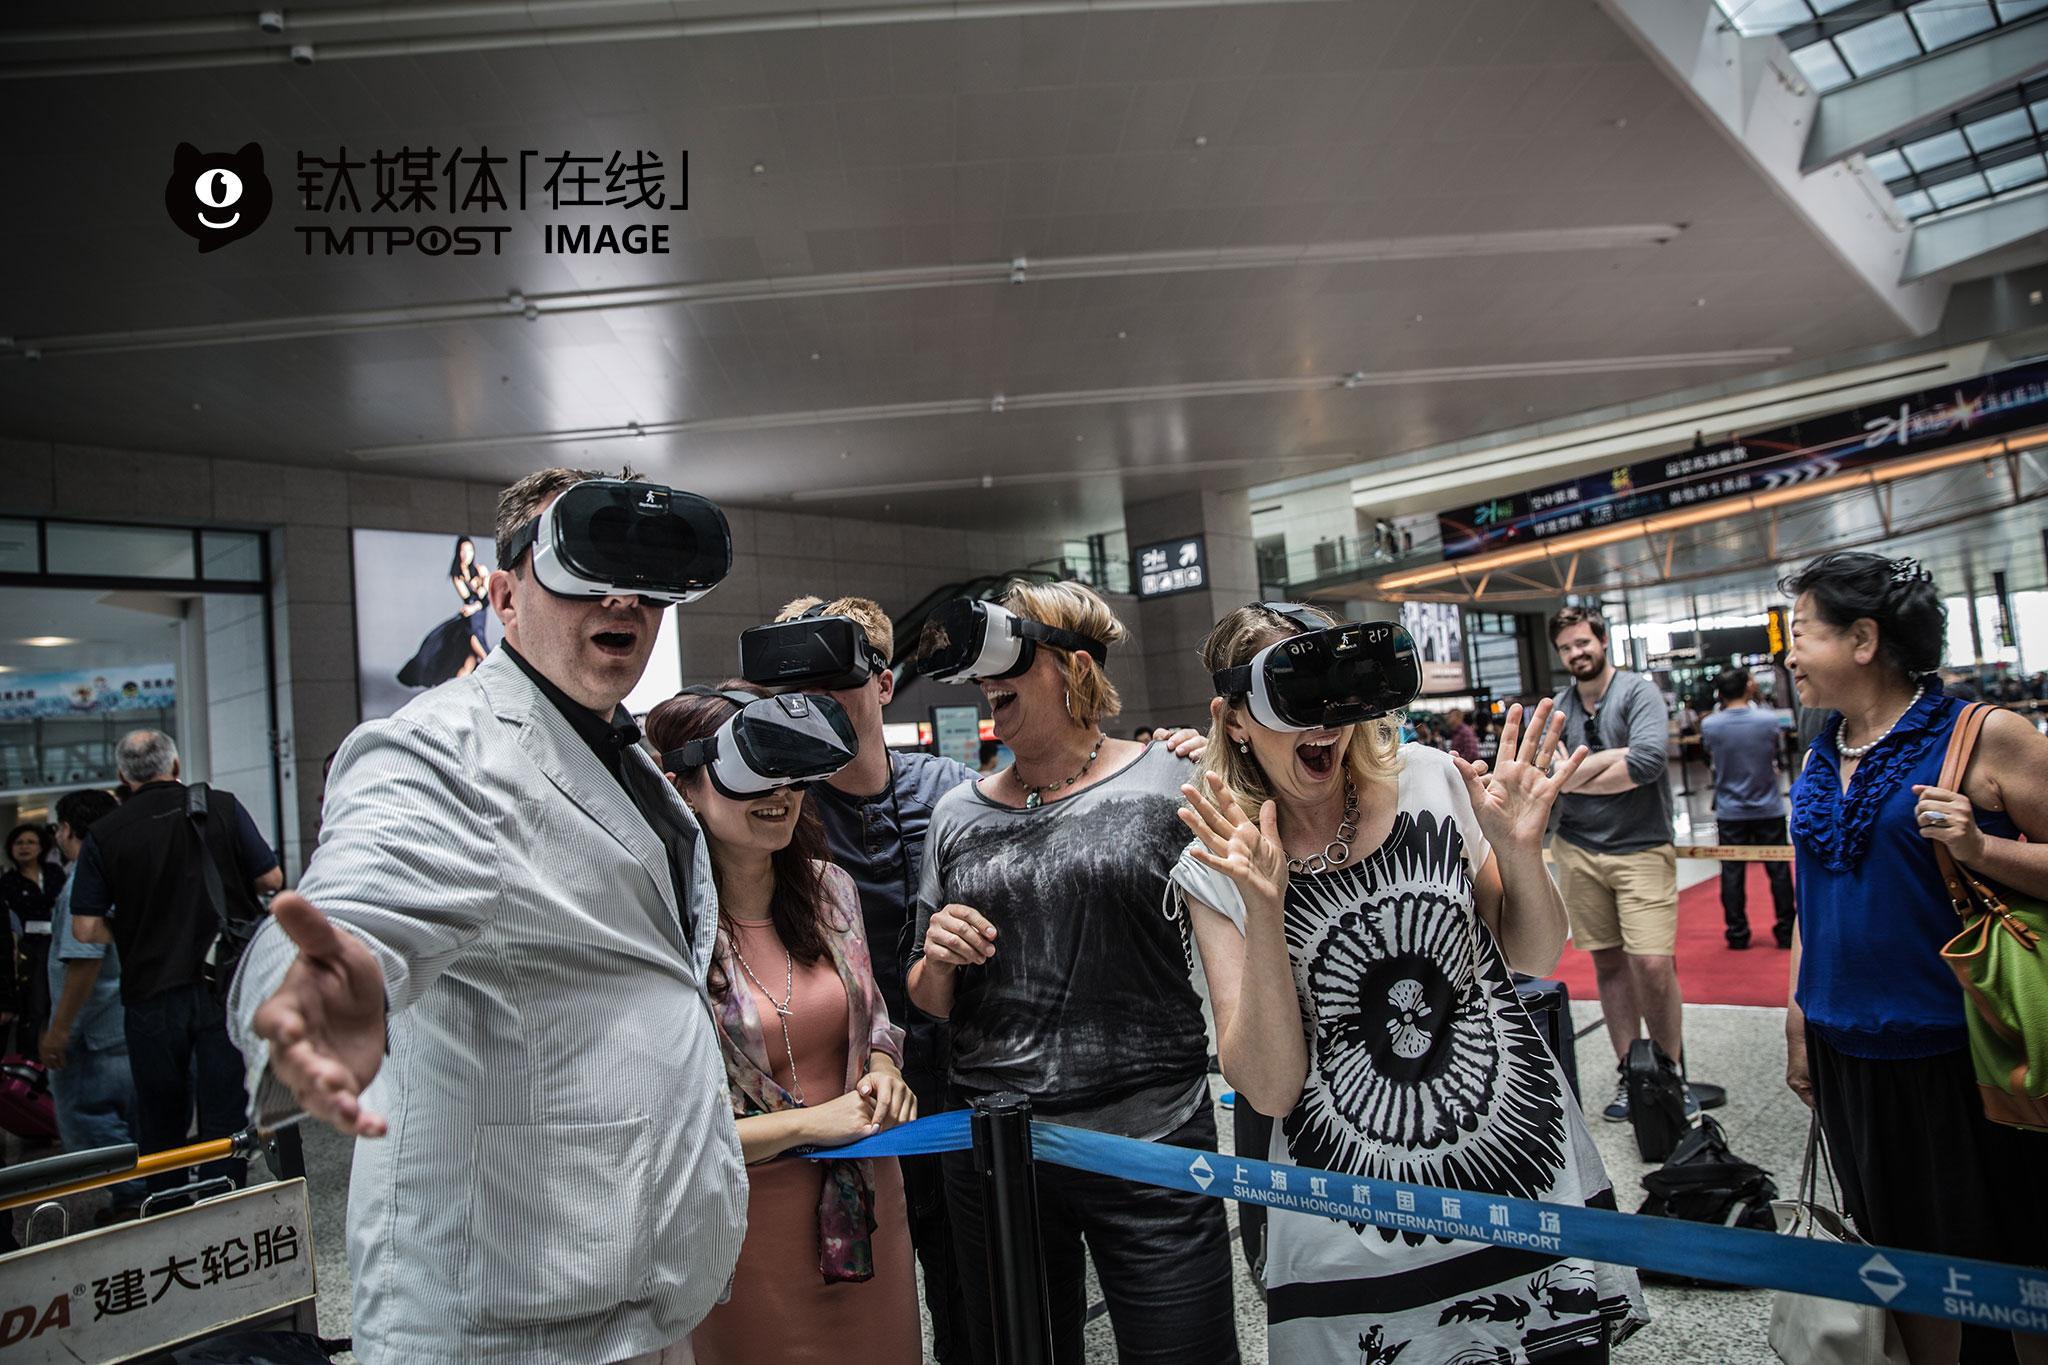 从上海出发去往重庆VR峰会,一名VR创业者(左)跟大家一起戴上VR眼镜拍照。随团的创业者,都是从事VR/AR领域,在中国为期一周的访问中,他们进行了几场路演。